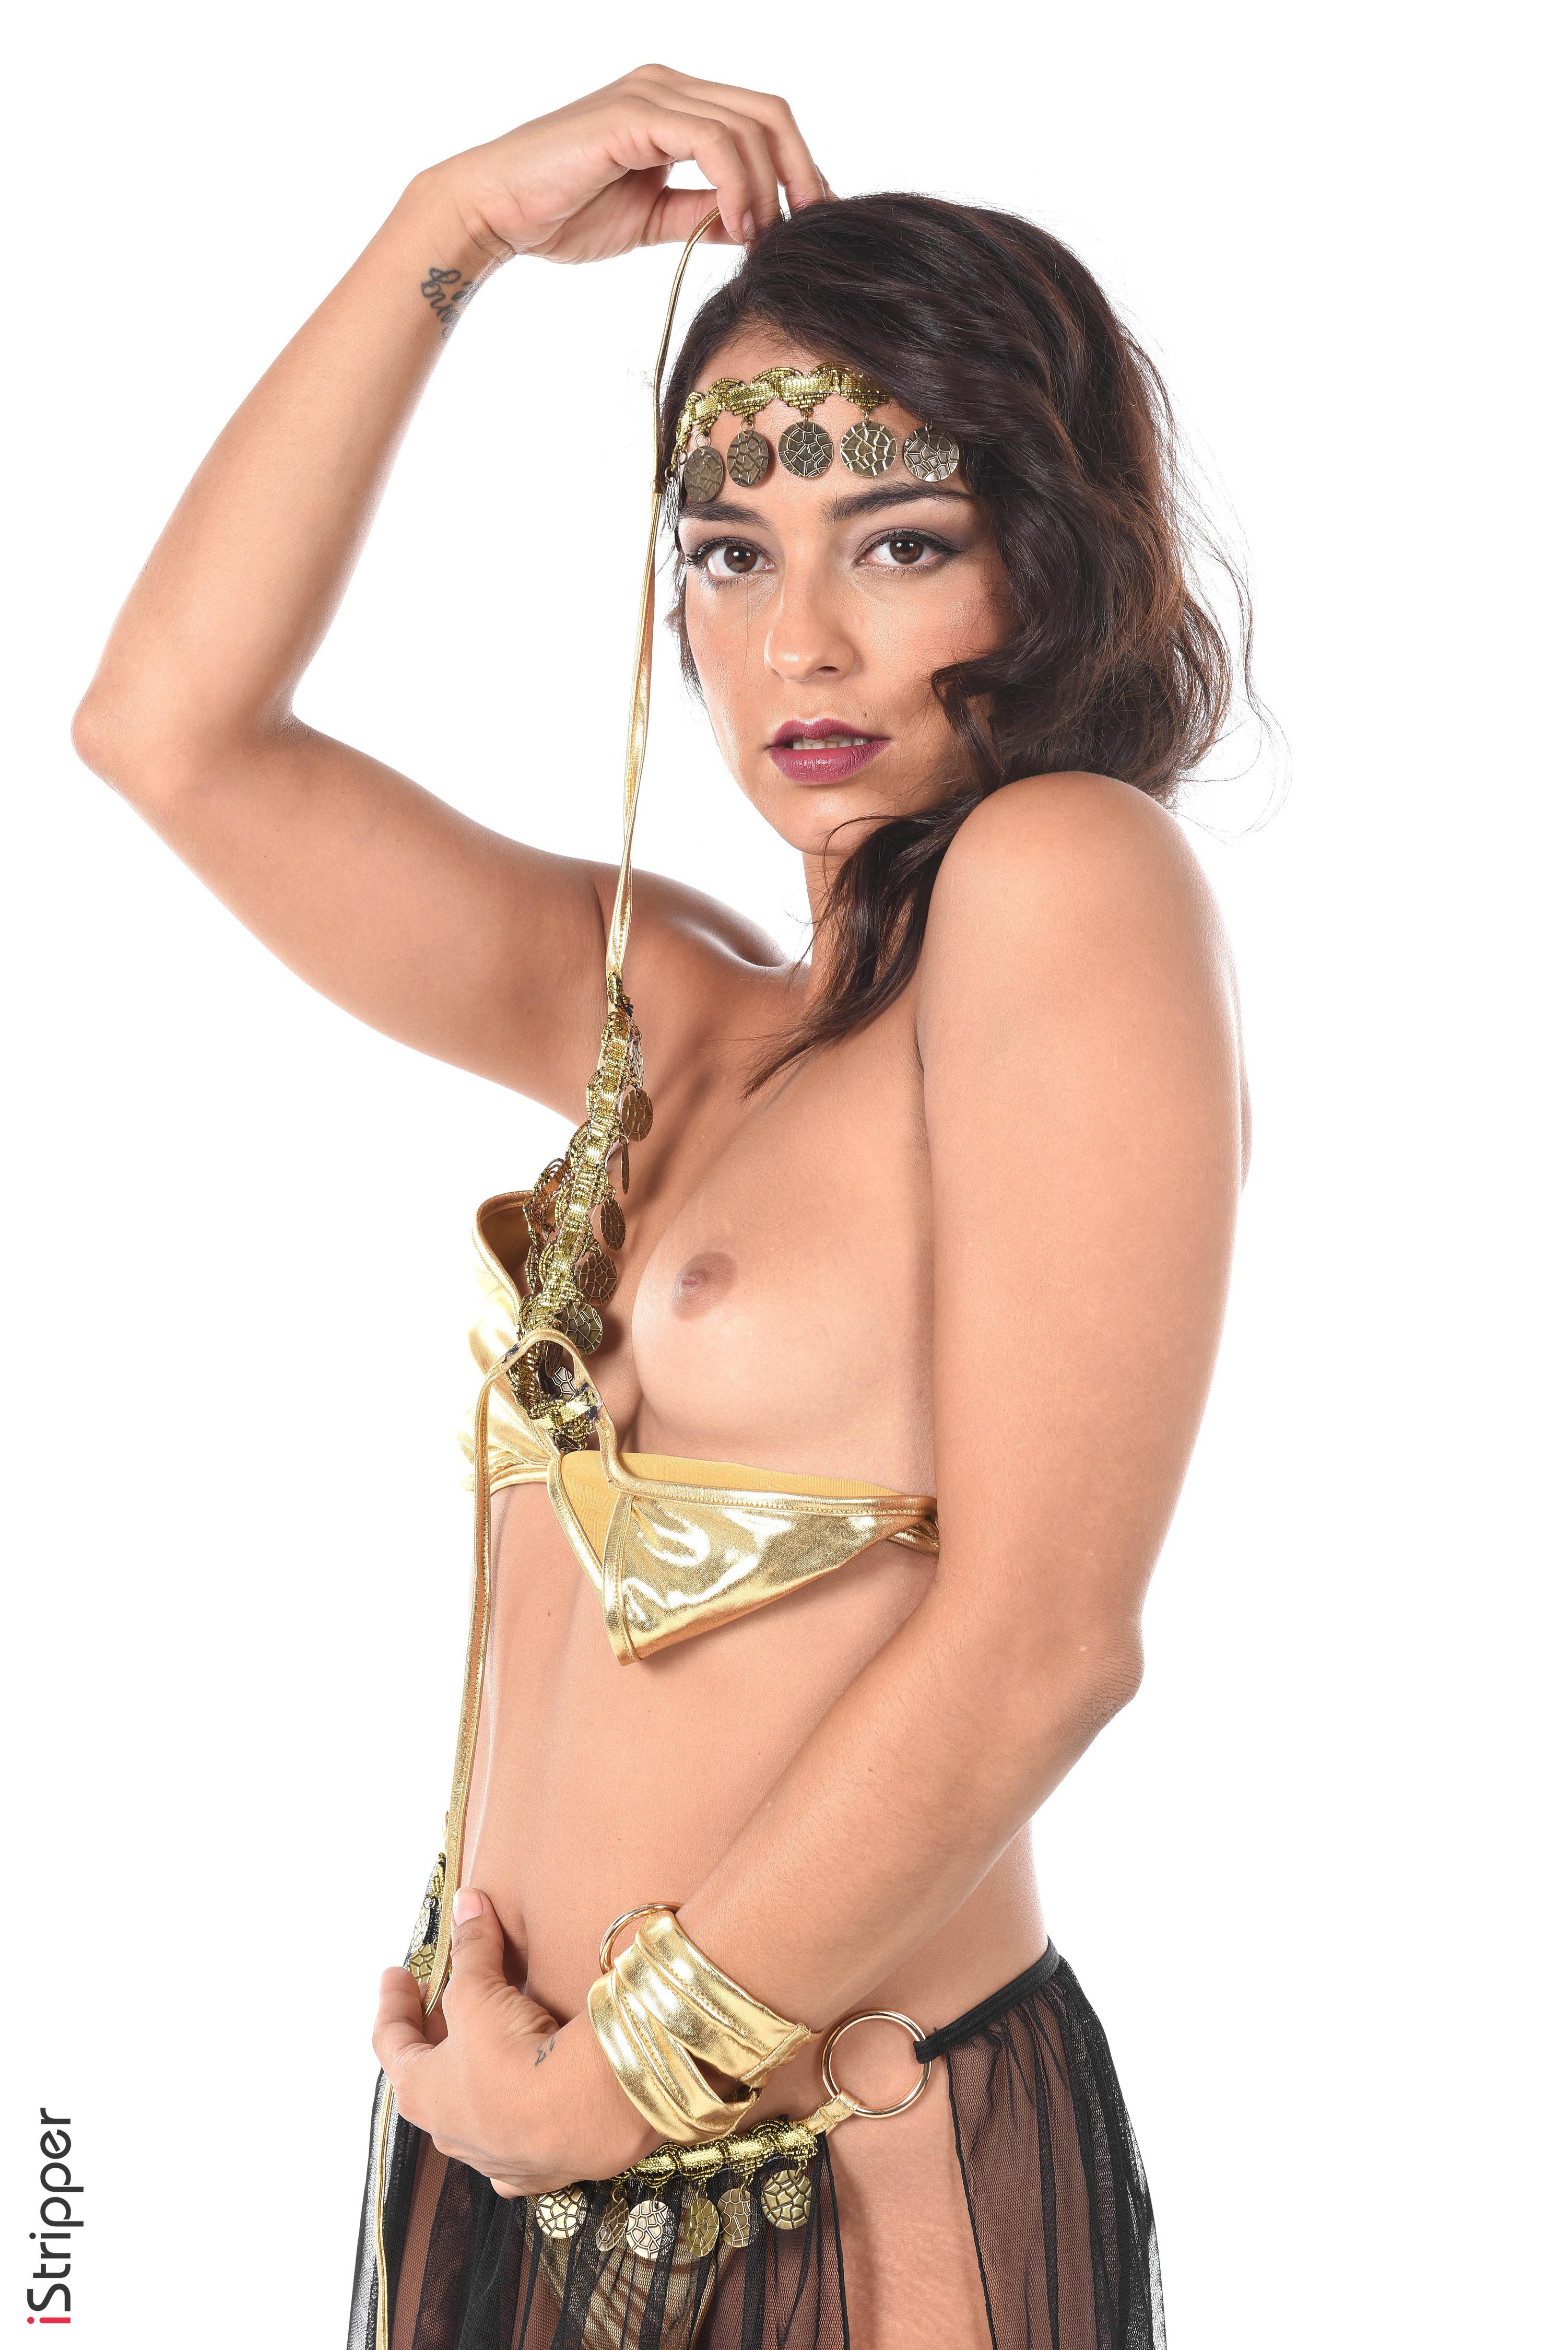 women nude wallpaper